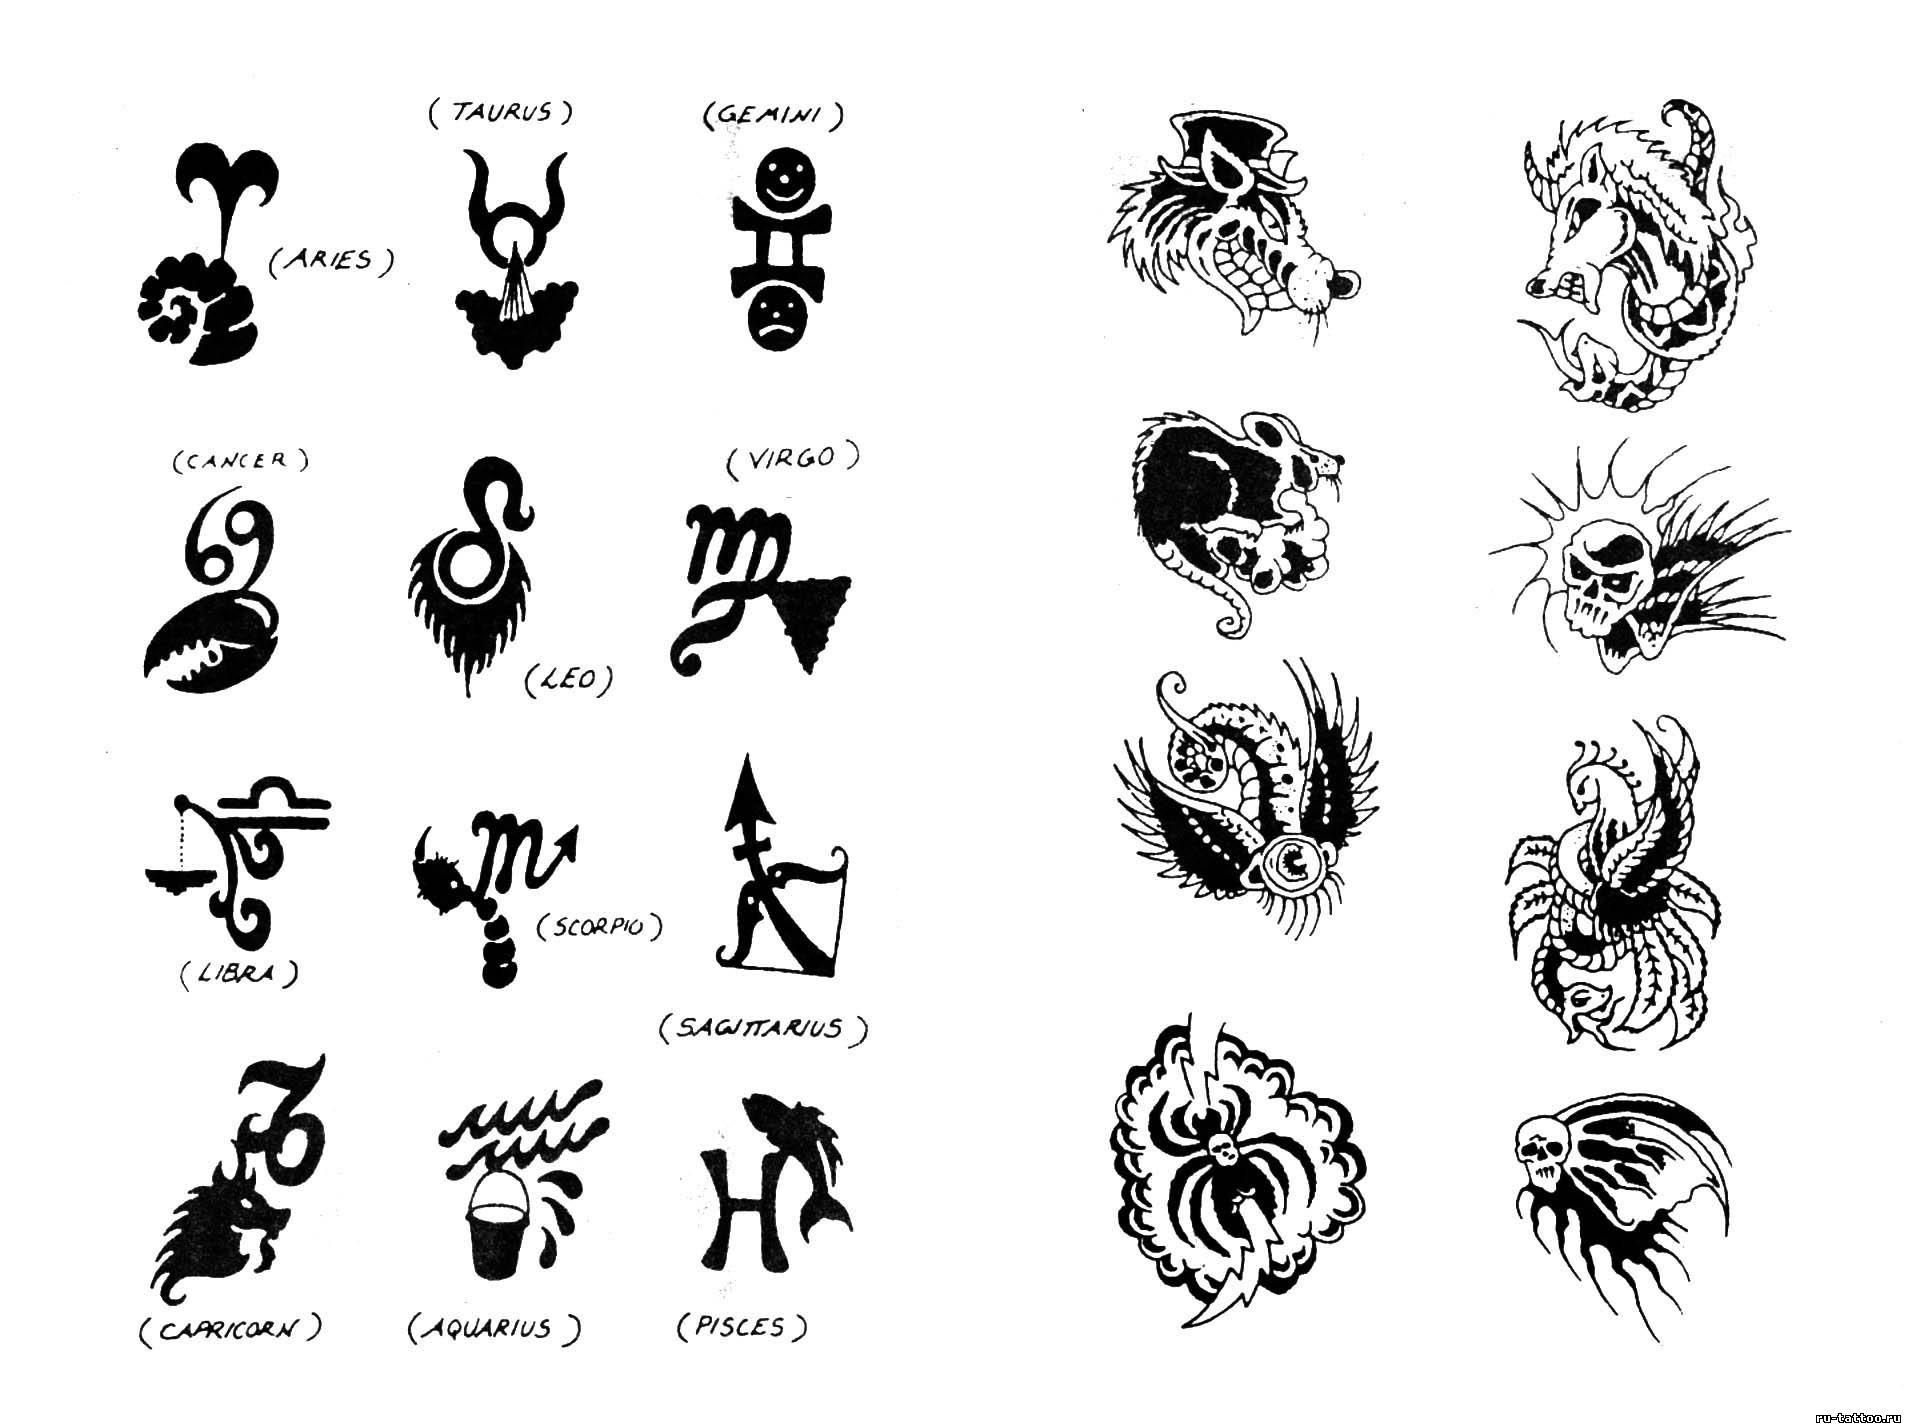 бесплатно найти картинки со знаком зодиака